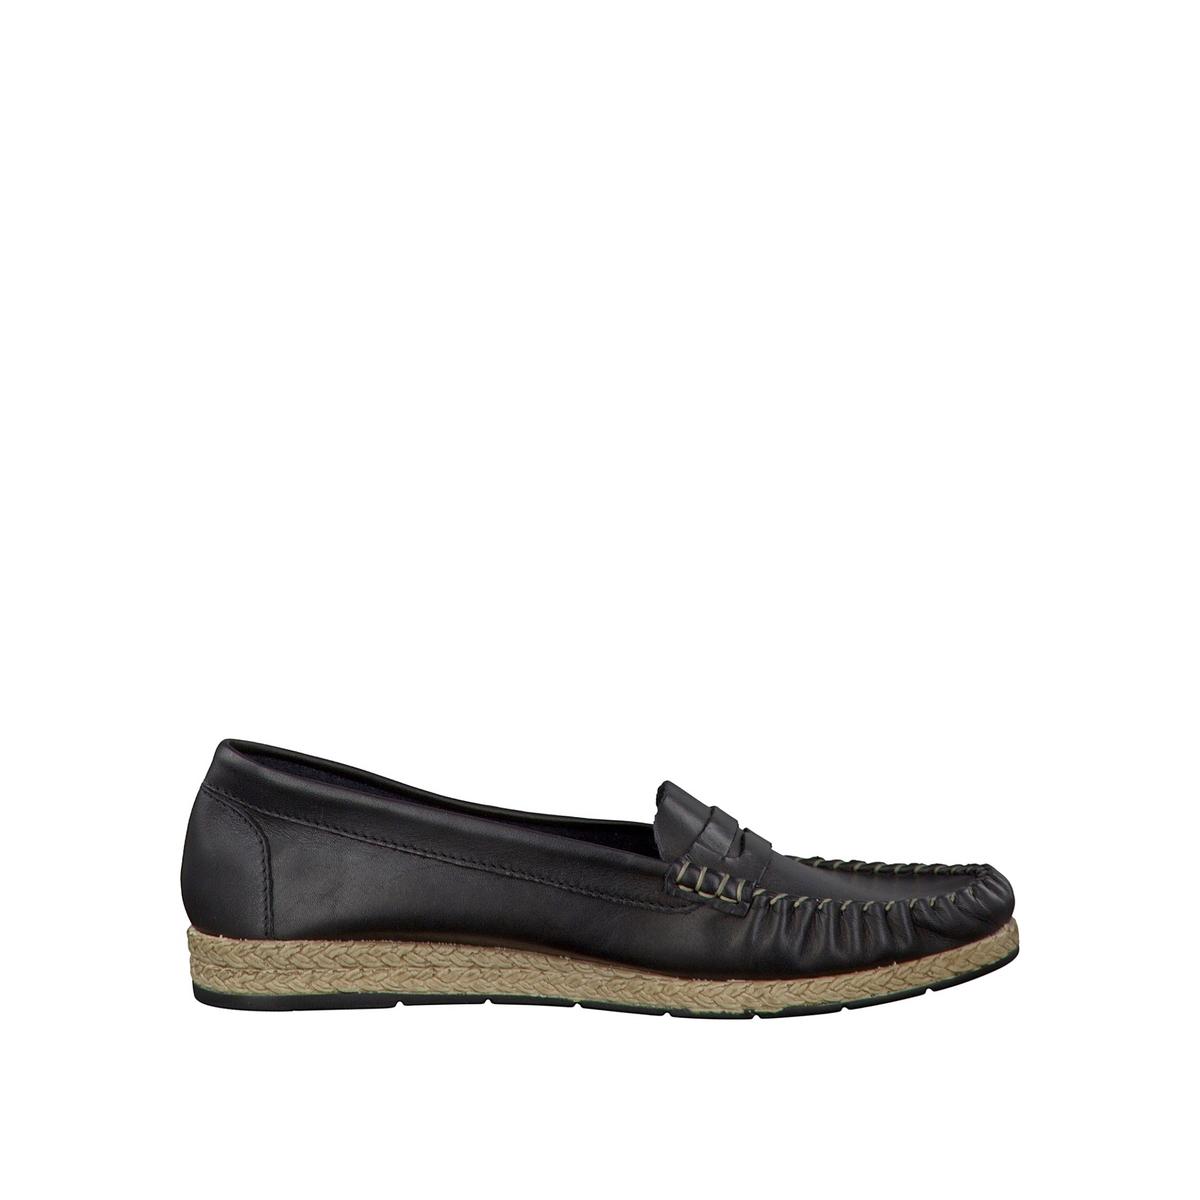 Мокасины кожаные 24643-28Верх: кожа. Стелька: кожа.  Подошва: синтетика.Форма каблука: плоский каблук.Мысок: закругленный.Застежка: без застежки.<br><br>Цвет: черный